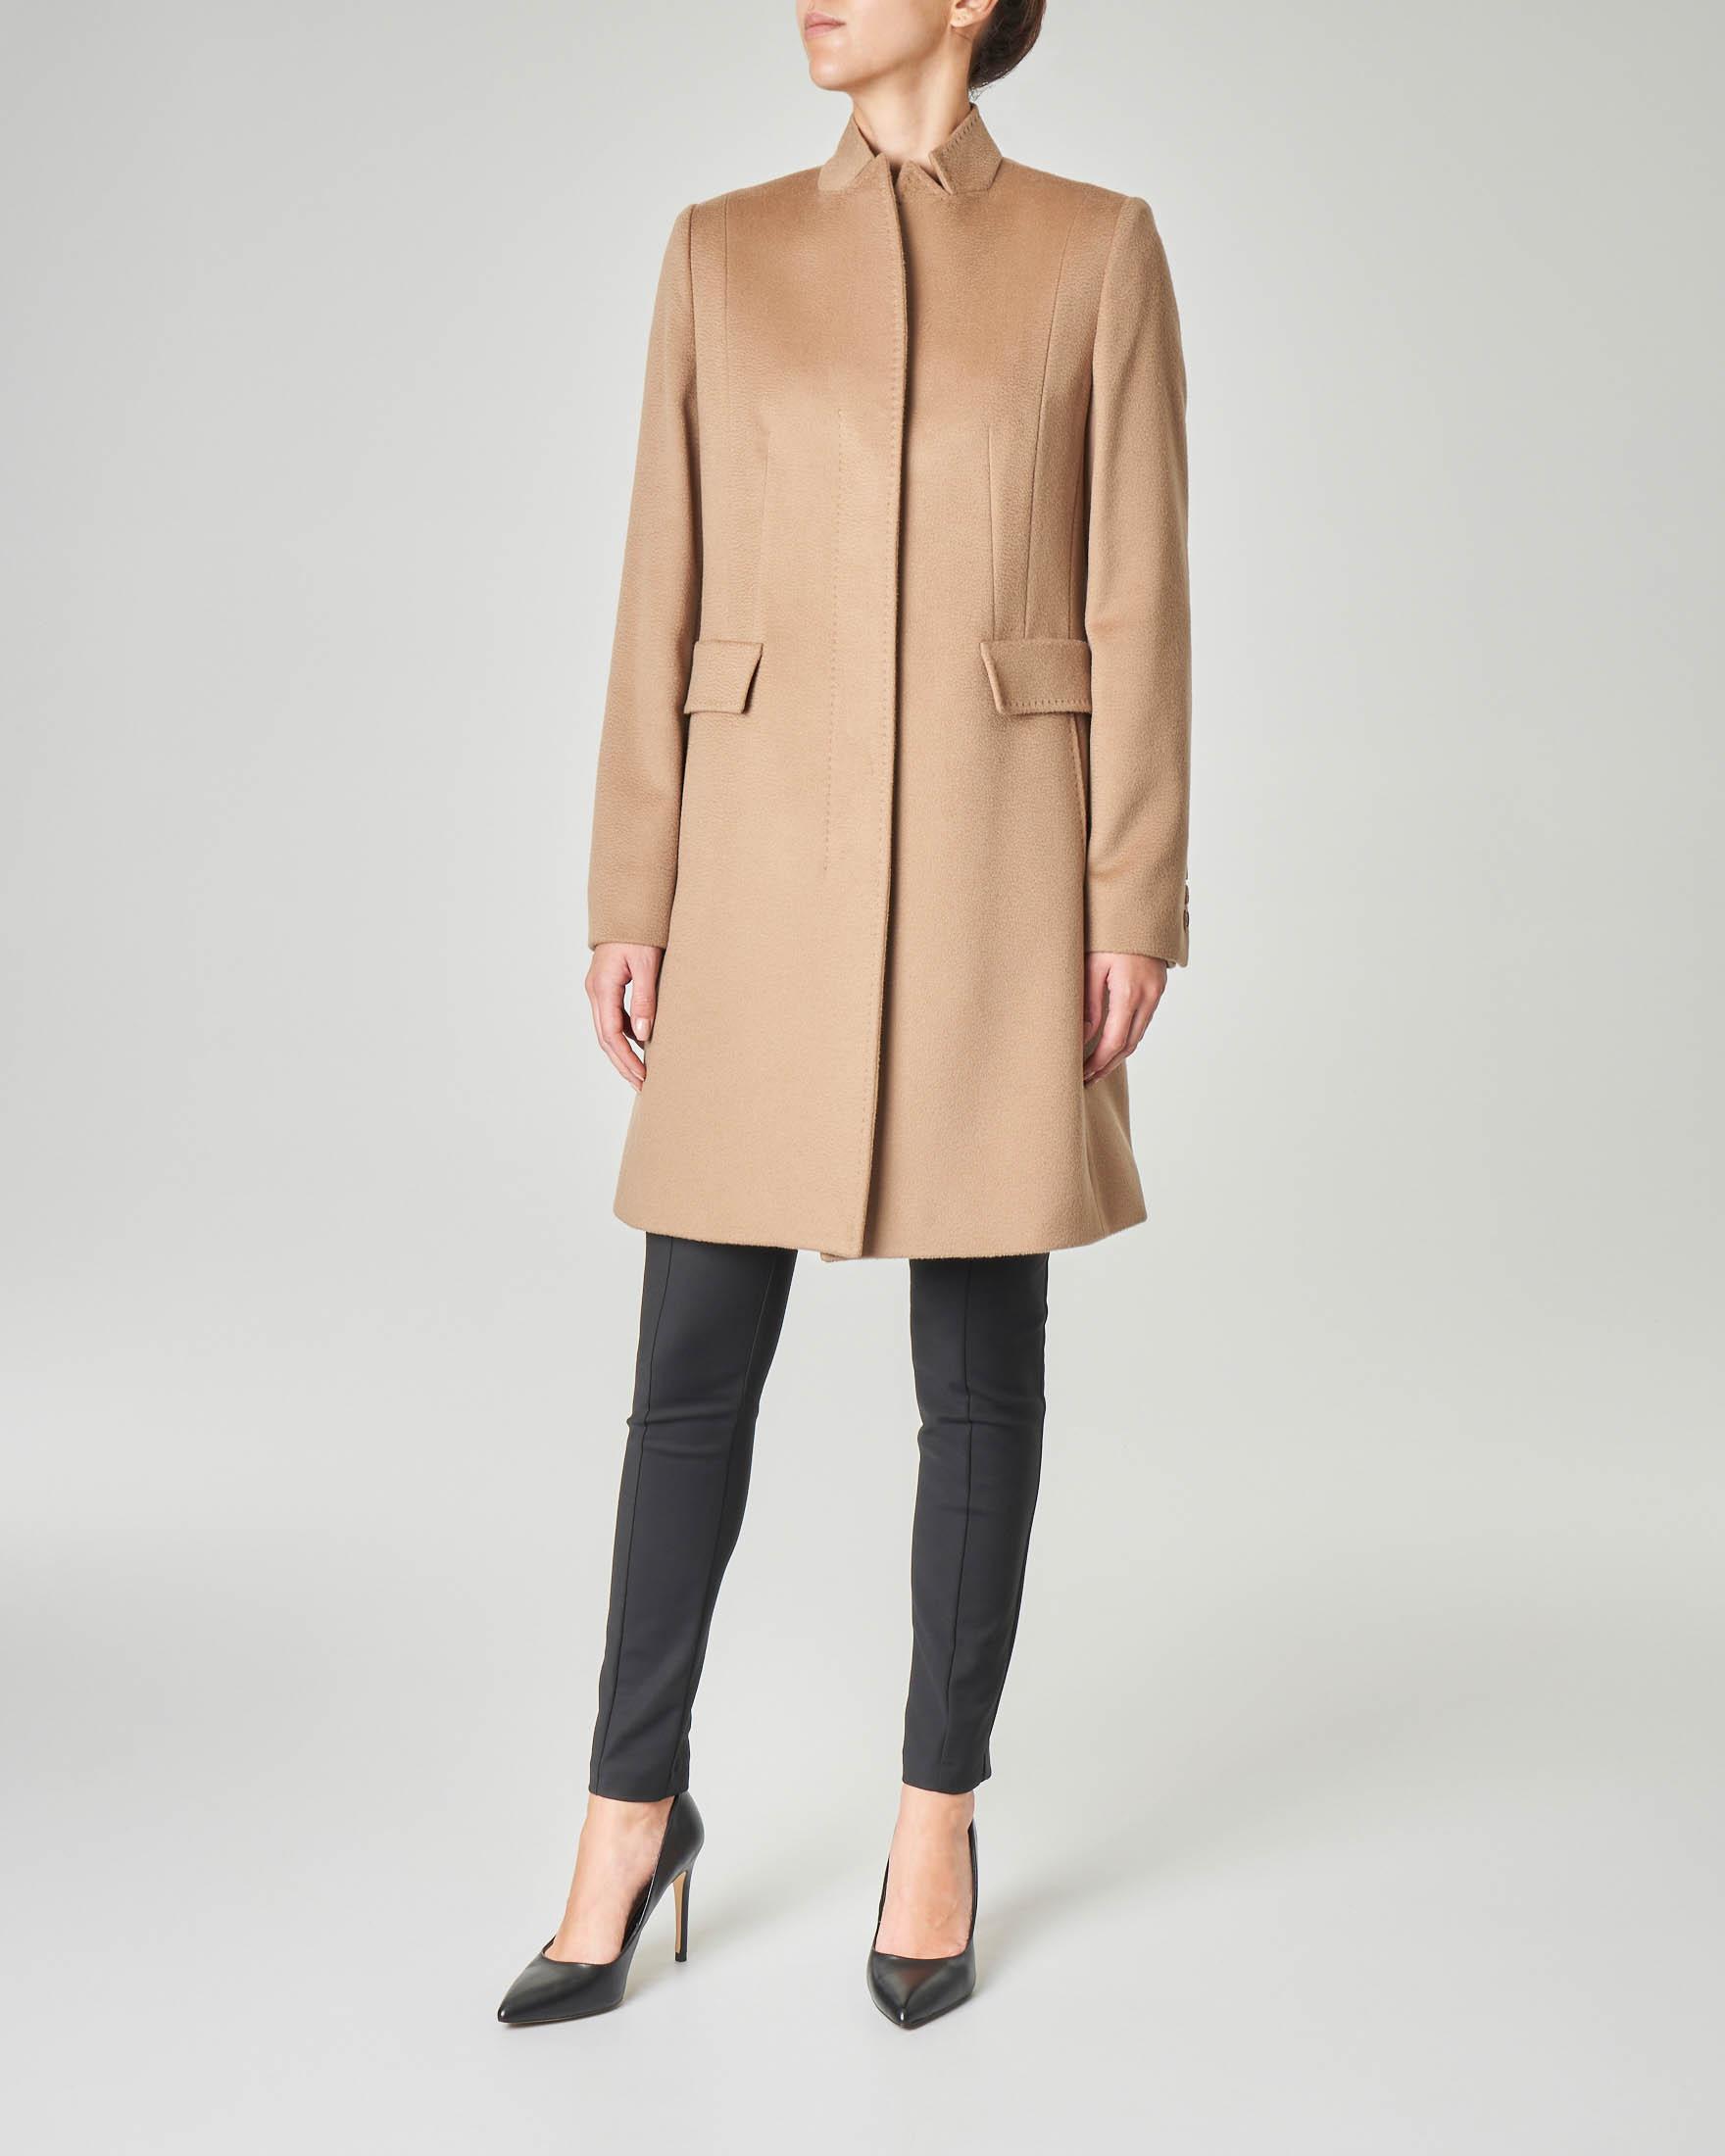 Cappotto cammello in pura lana taglio dritto con collo in piedi